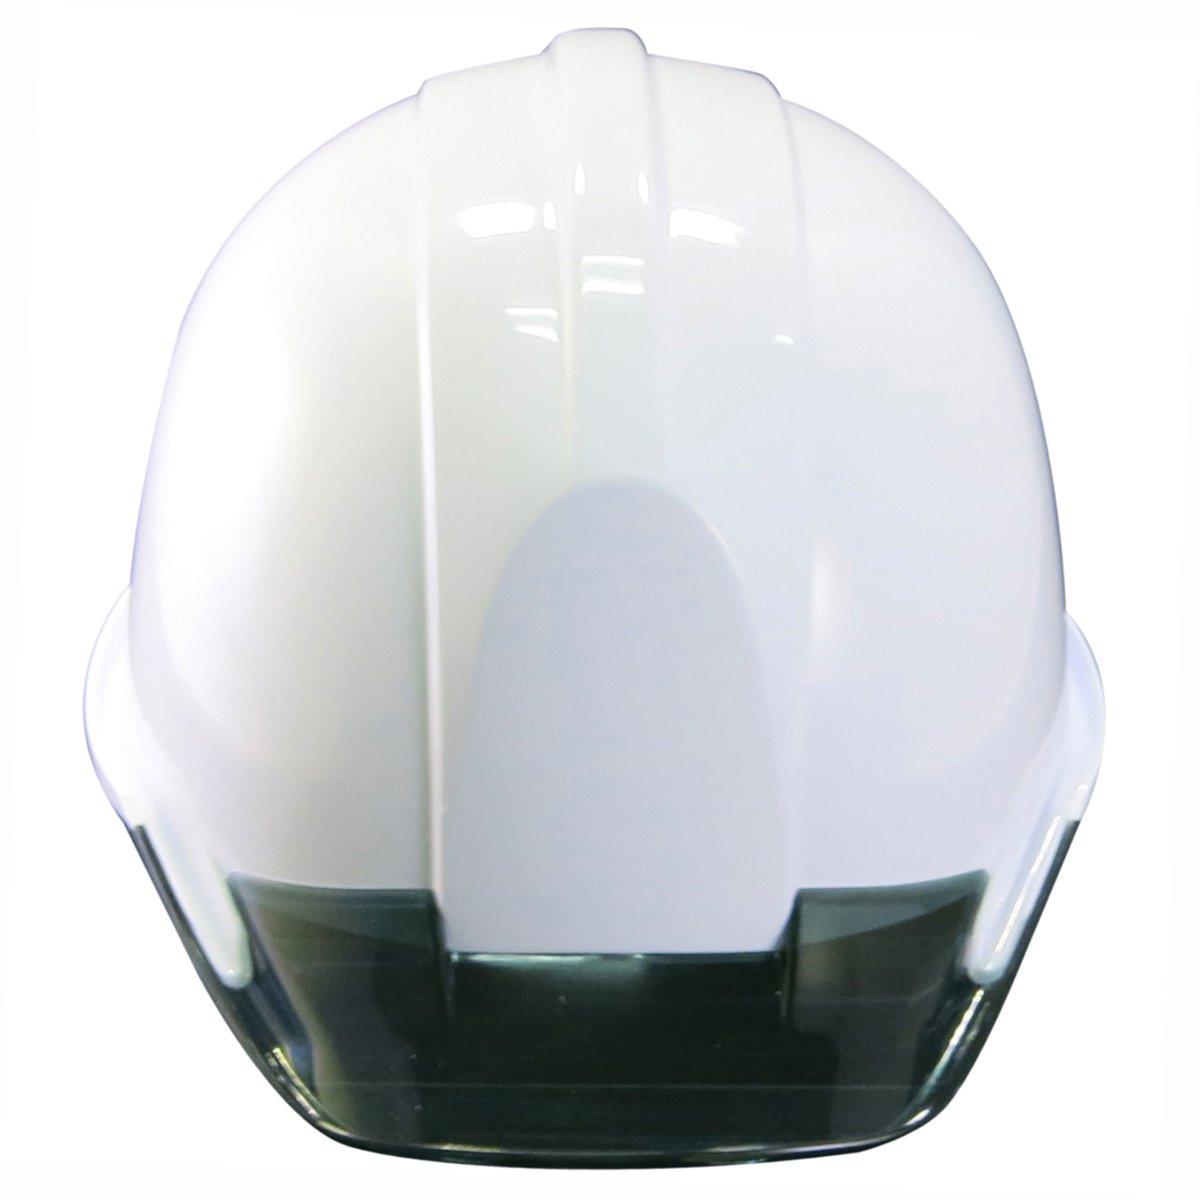 Pervioヘルメットソフトバイザー